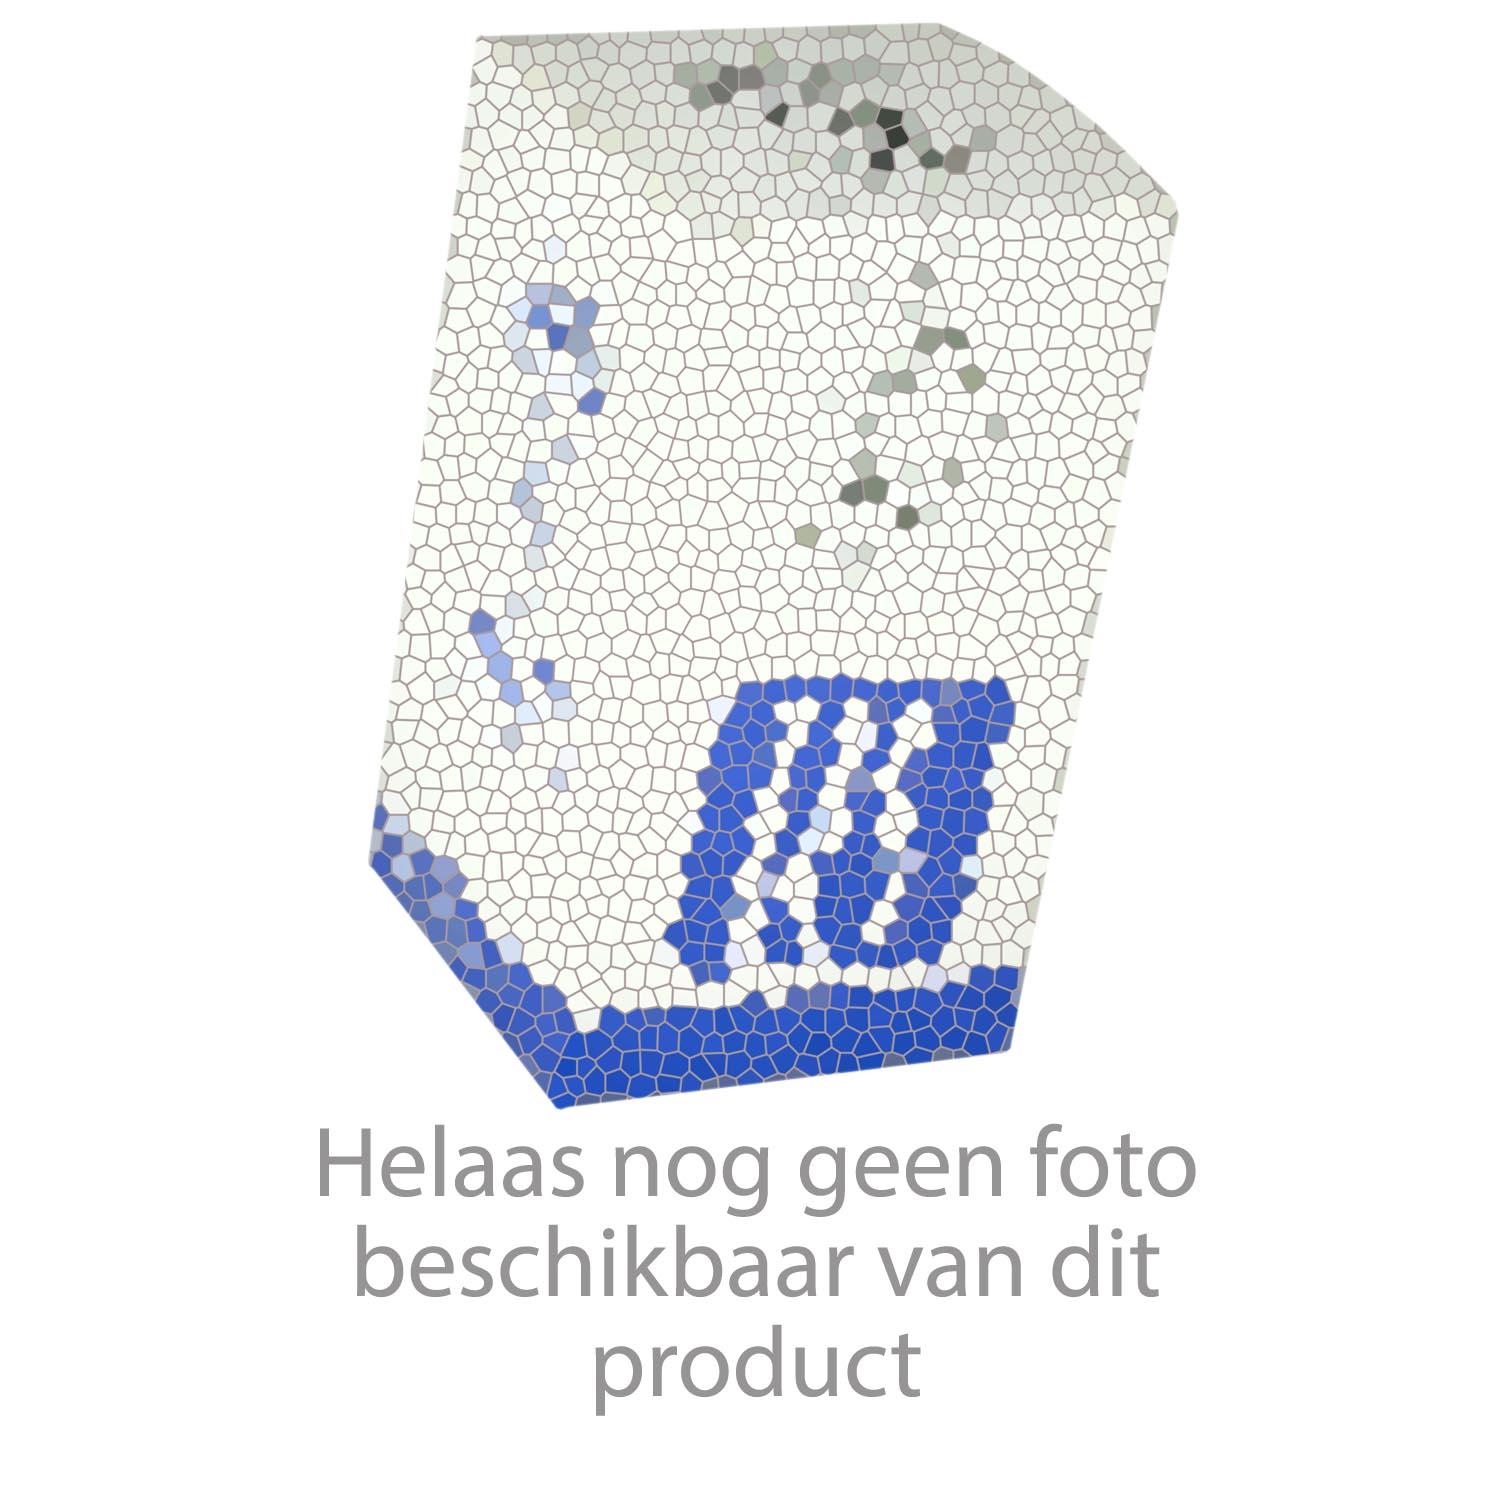 HansGrohe Afvoer- en overloopgarnituren Staro '52 productiejaar > 09/98 60060 onderdelen